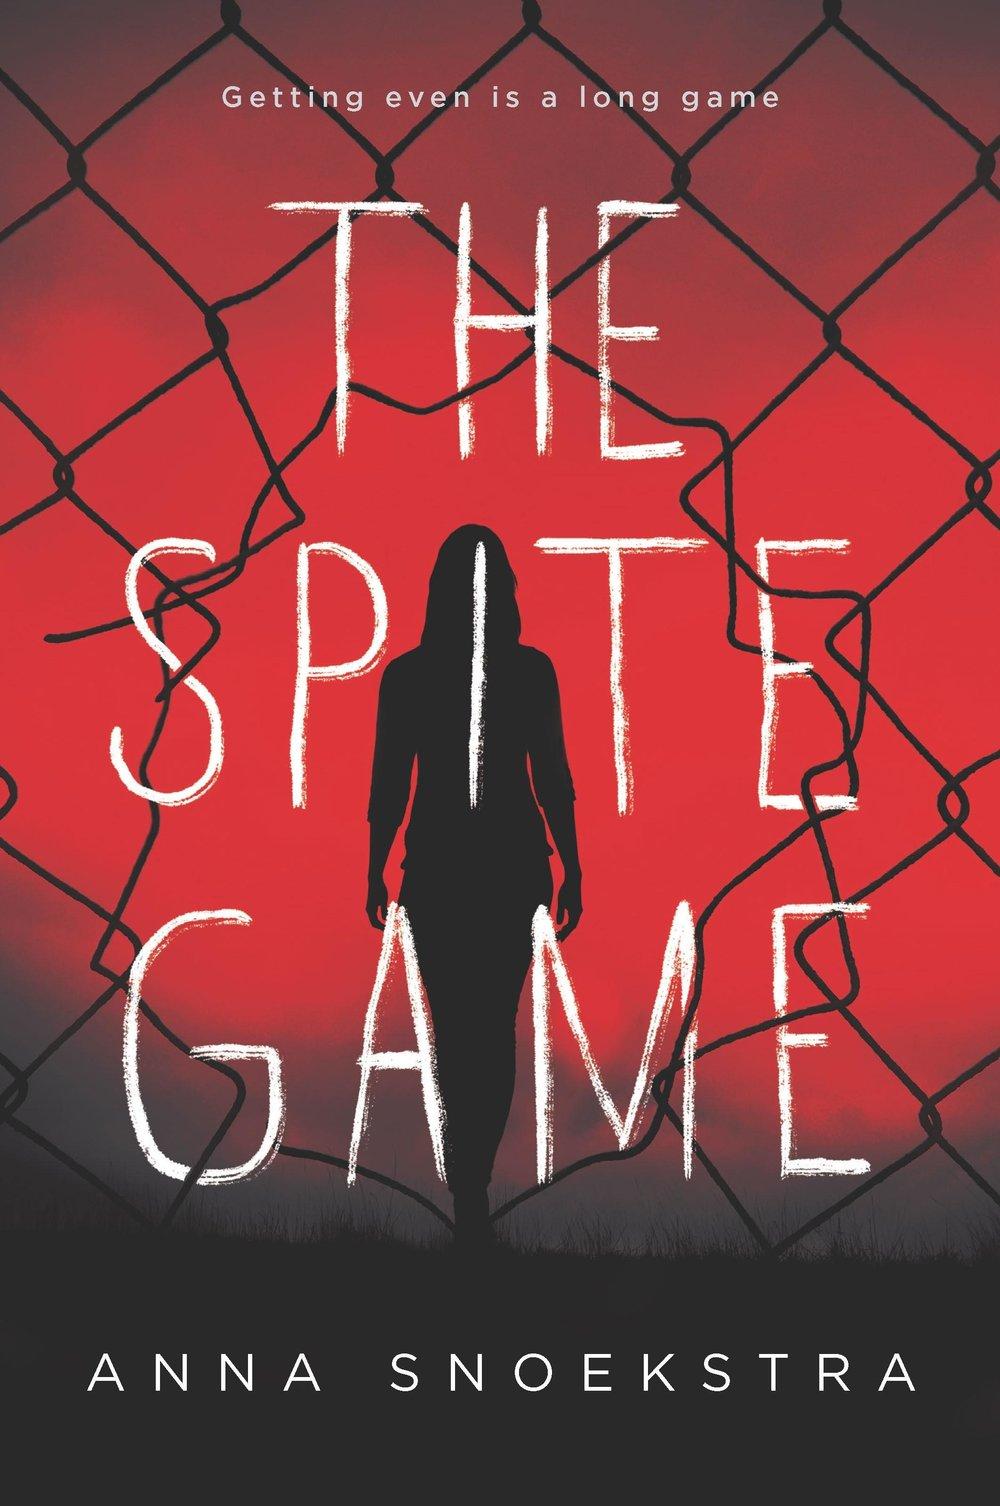 THE SPITE GAME by Anna Snoekstra